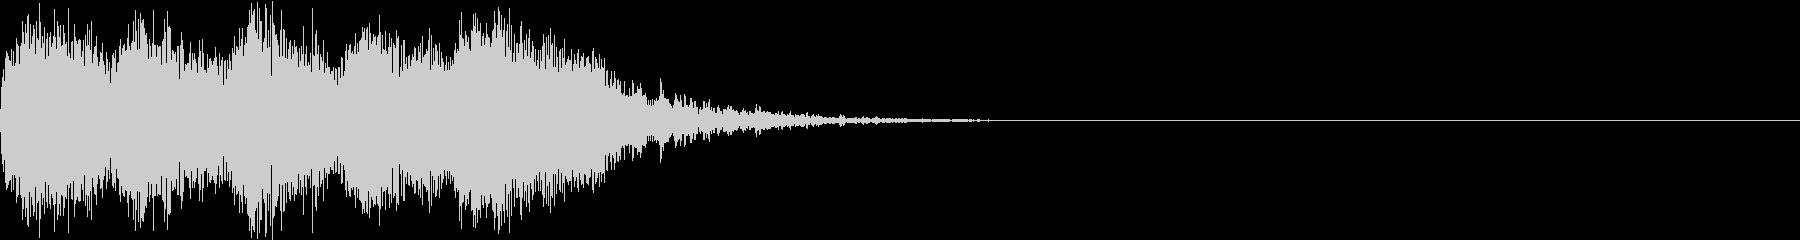 ファンファーレ オーケストラ 発表 06の未再生の波形